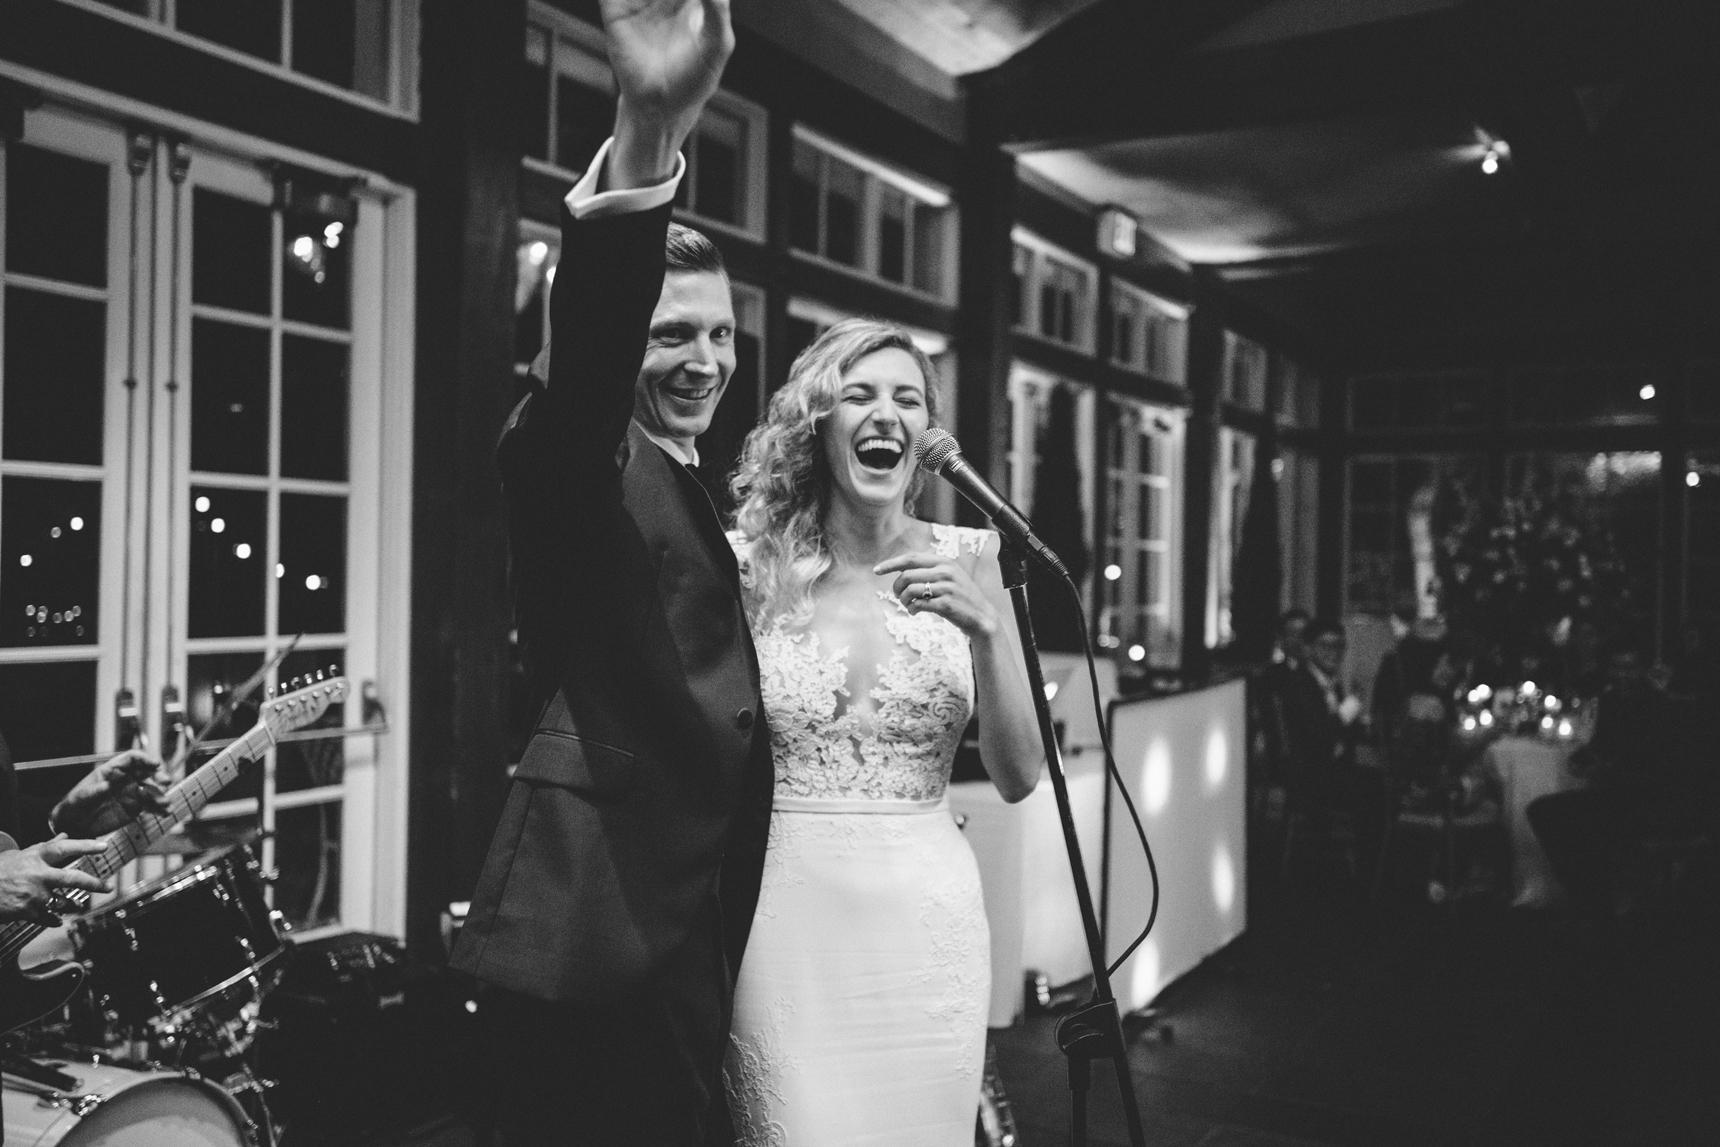 Jory_LoebBoathouse_CentralPark_NewYork_WeddingPhotographer141.jpg